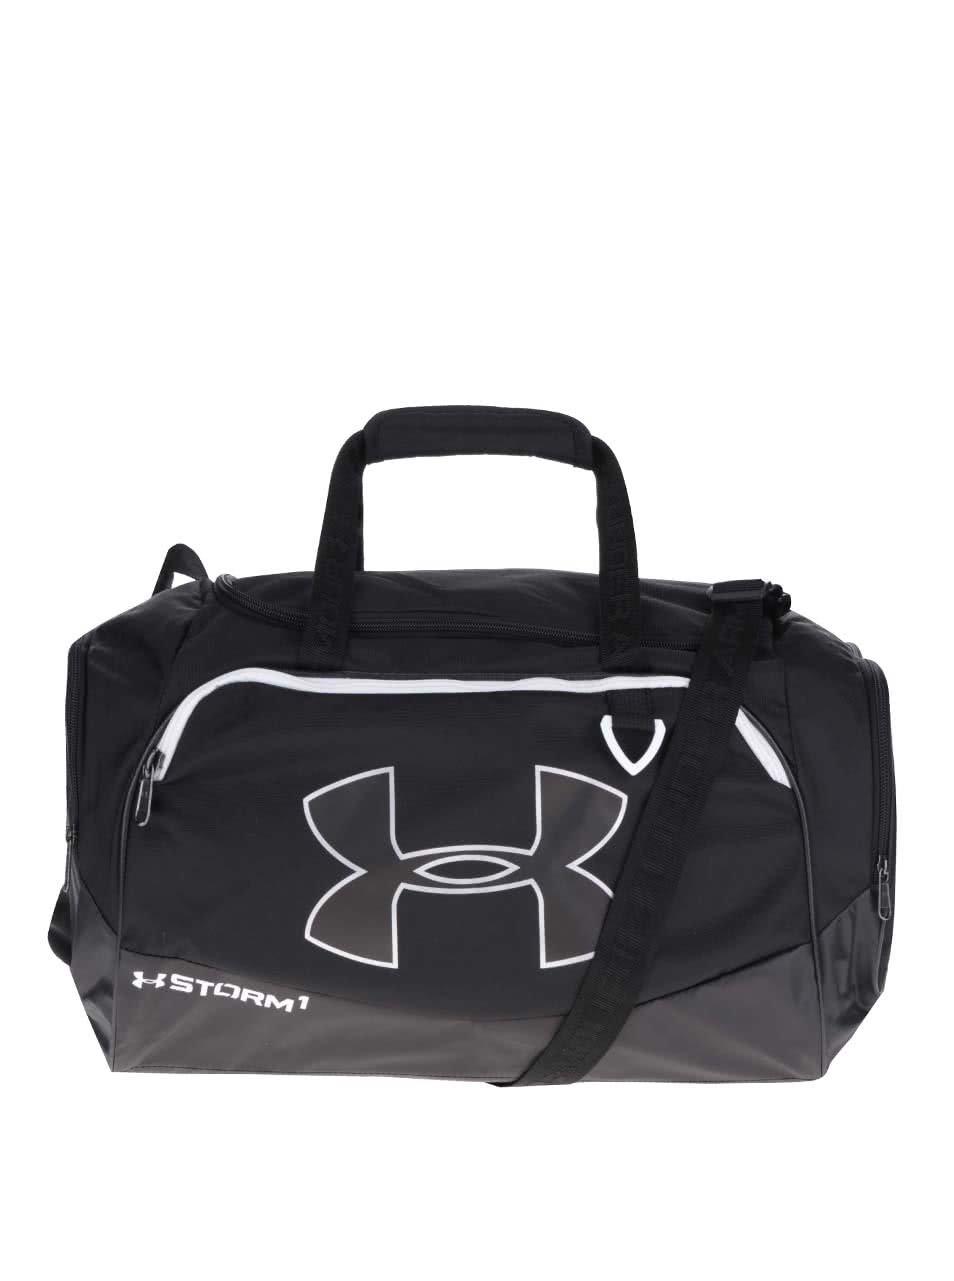 Černá pánská sportovní voděodolná taška 41 l Under Armour Duffel II.